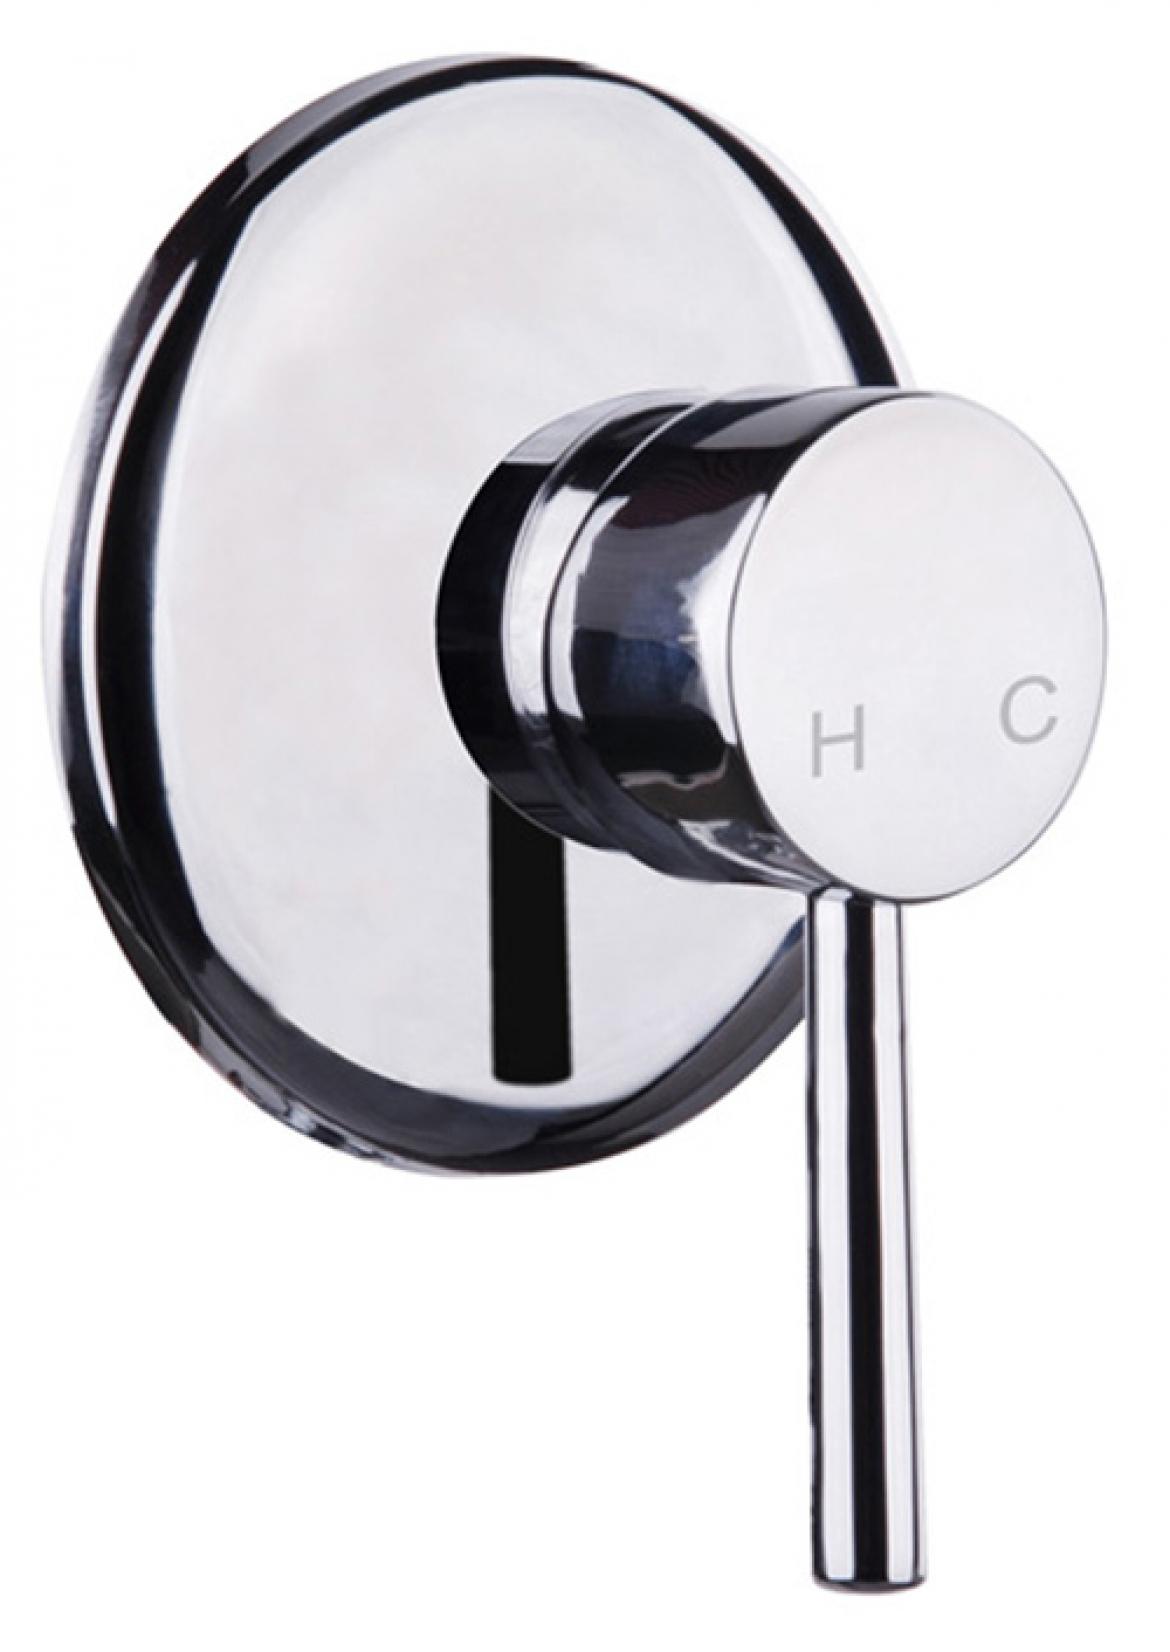 Round shower mixer-2